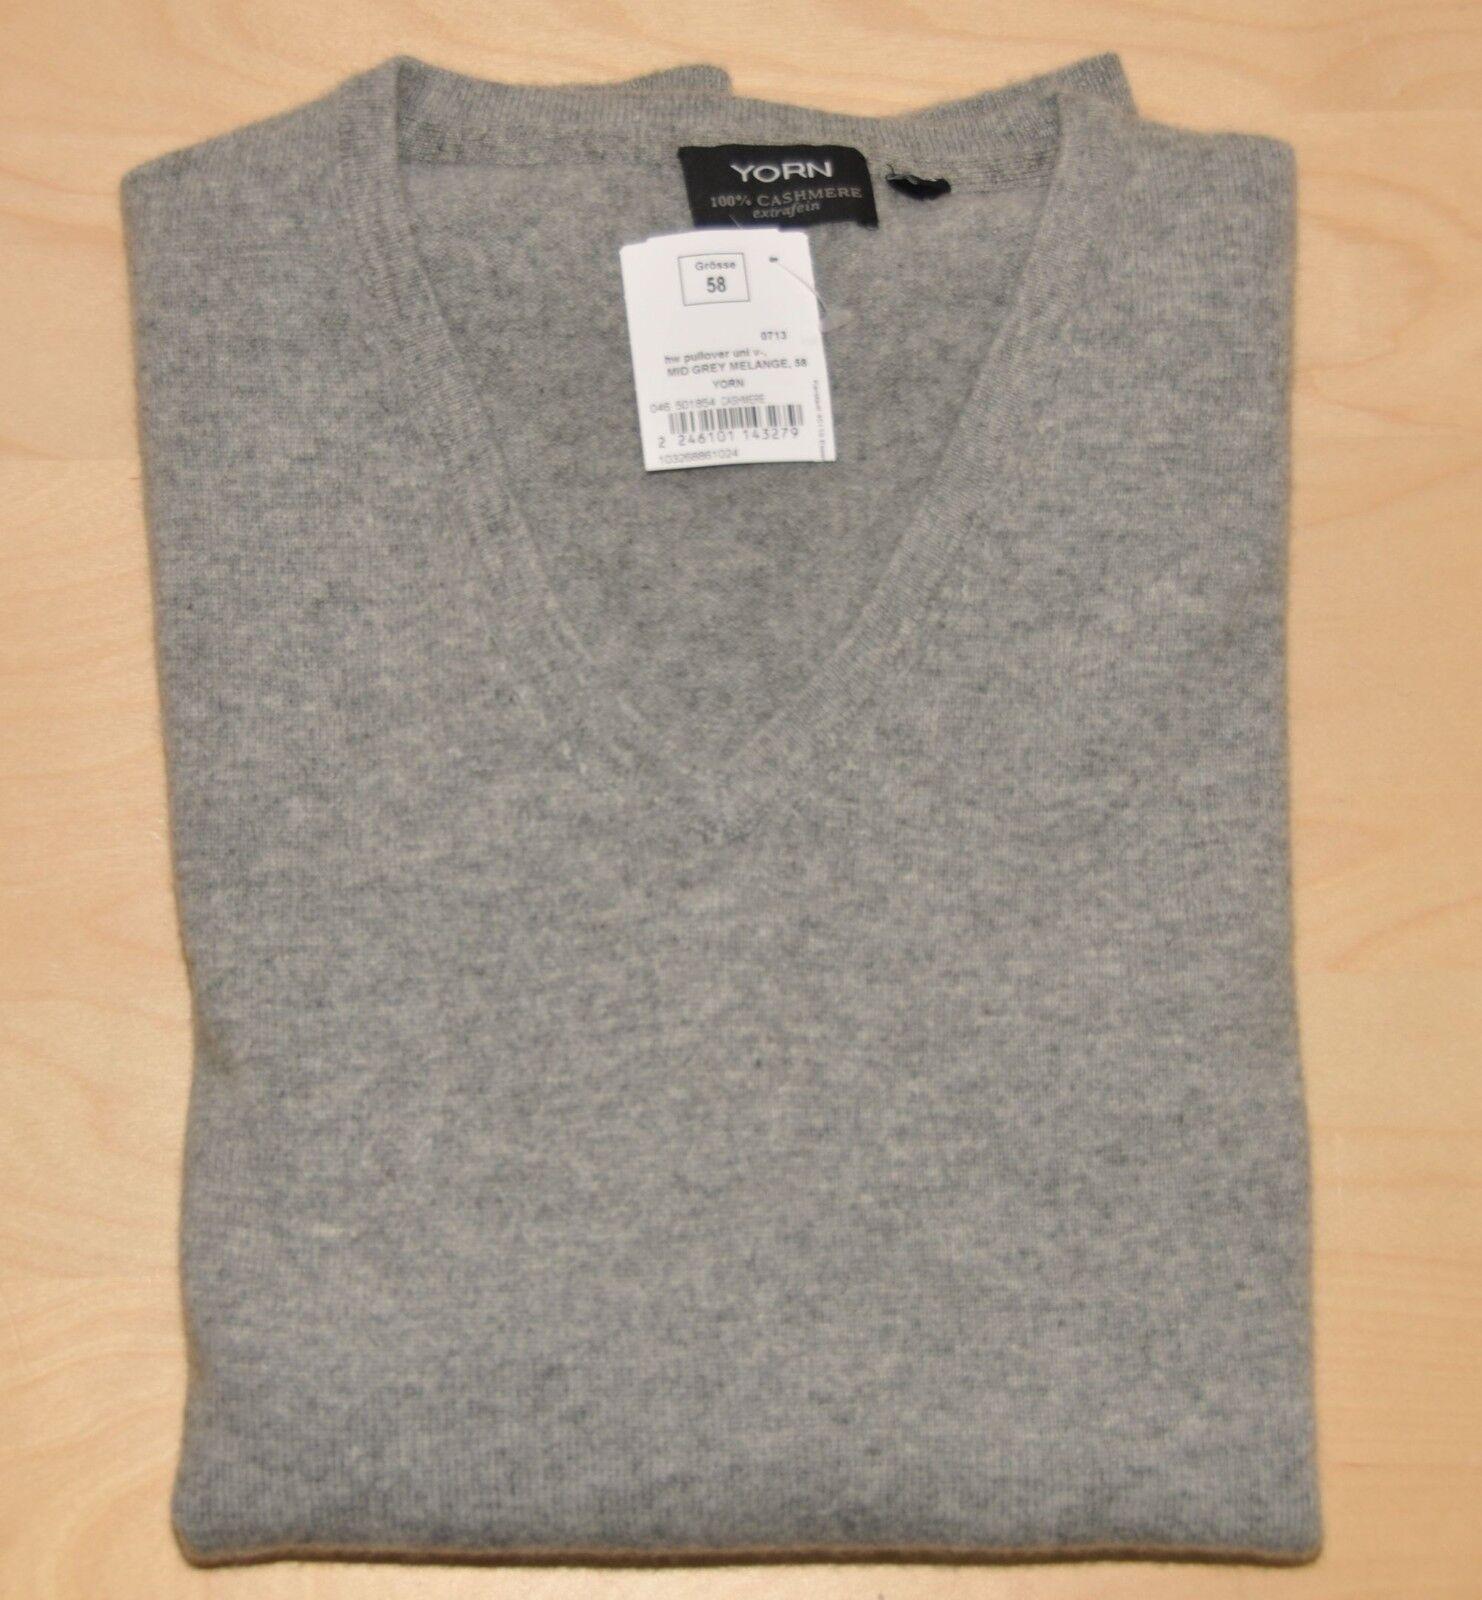 YORN  100% Kaschmir Pullover  Gr. 58  V-Ausschnitt  Grau  Mid Grau Melange